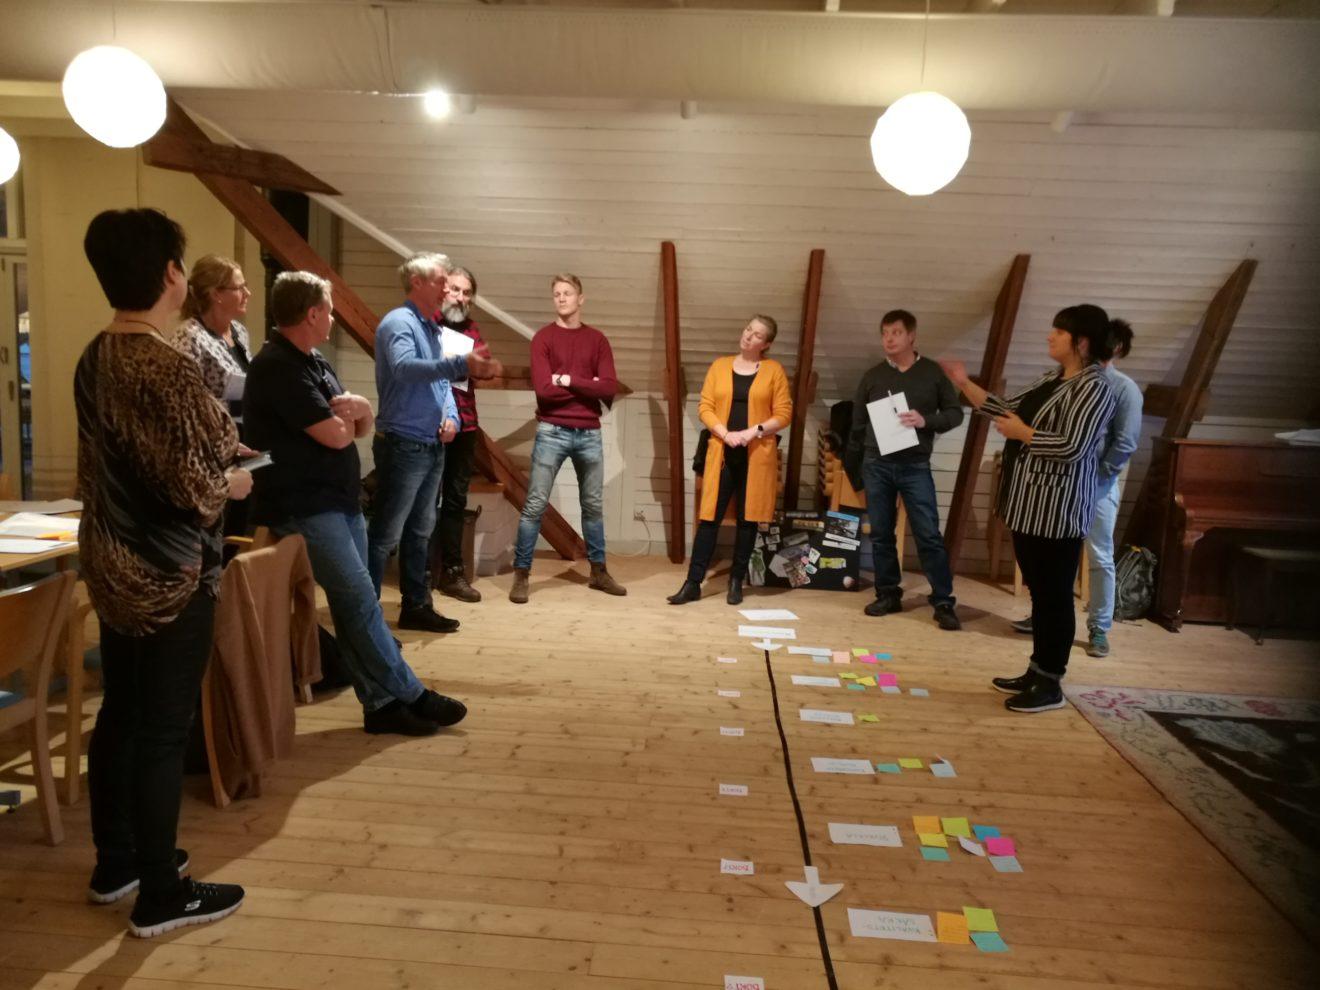 Nu finns en ny chans - introduktion 4/3, anmäl dig 2/3 till Växtlusts Innovationsgrupp!